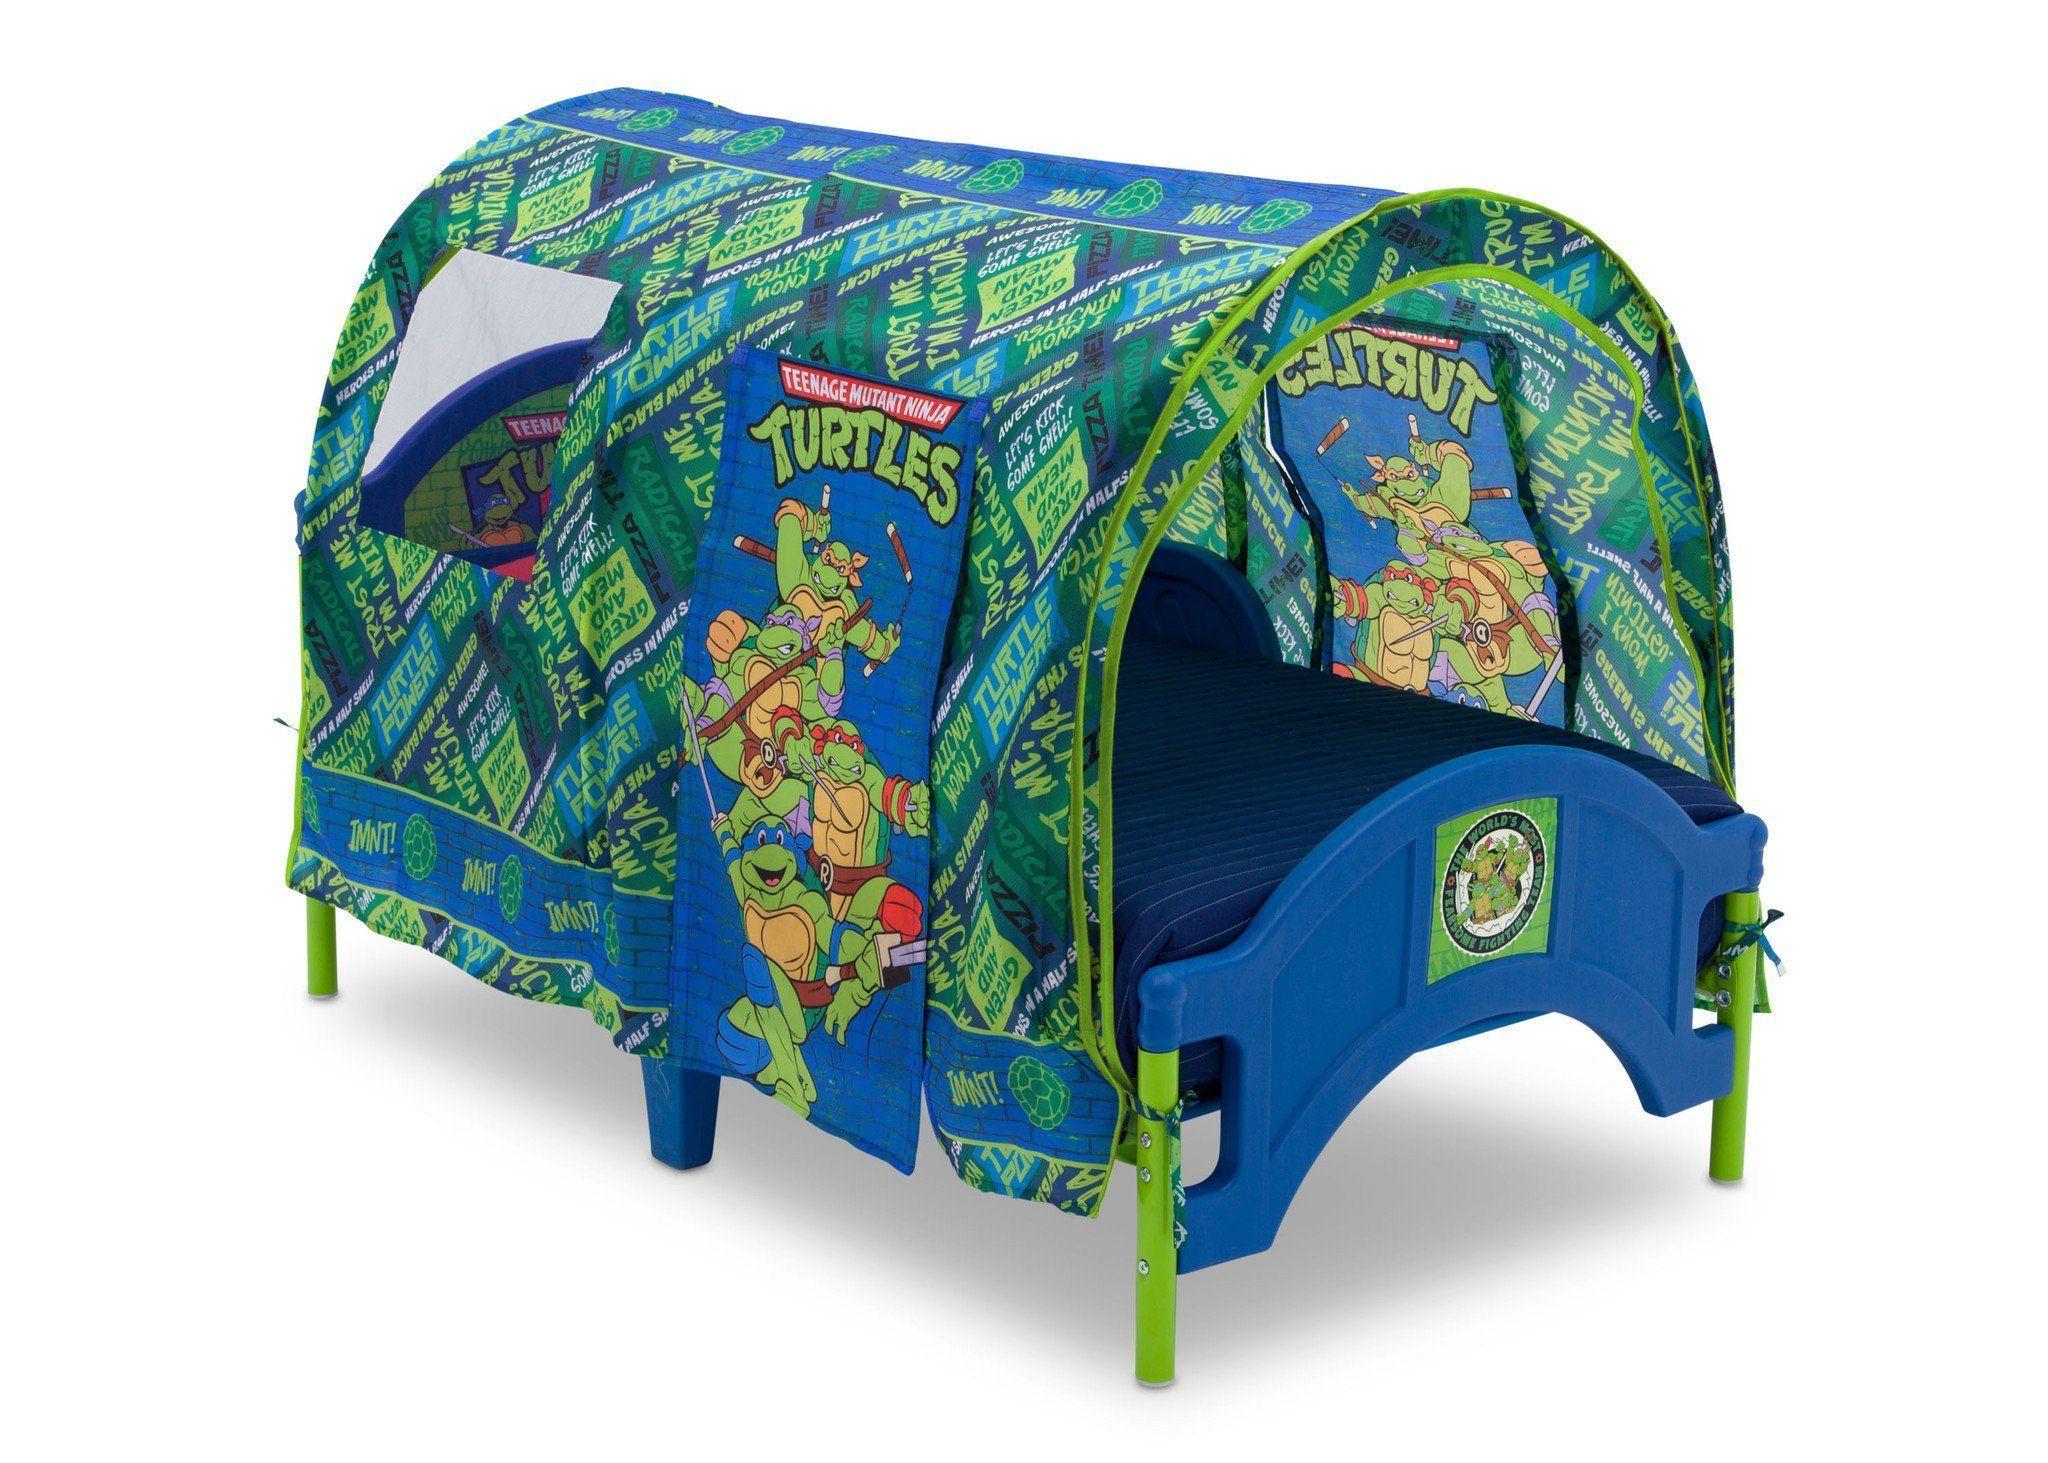 Teenage mutant ninja turtles toddler tent bed ninja turtles